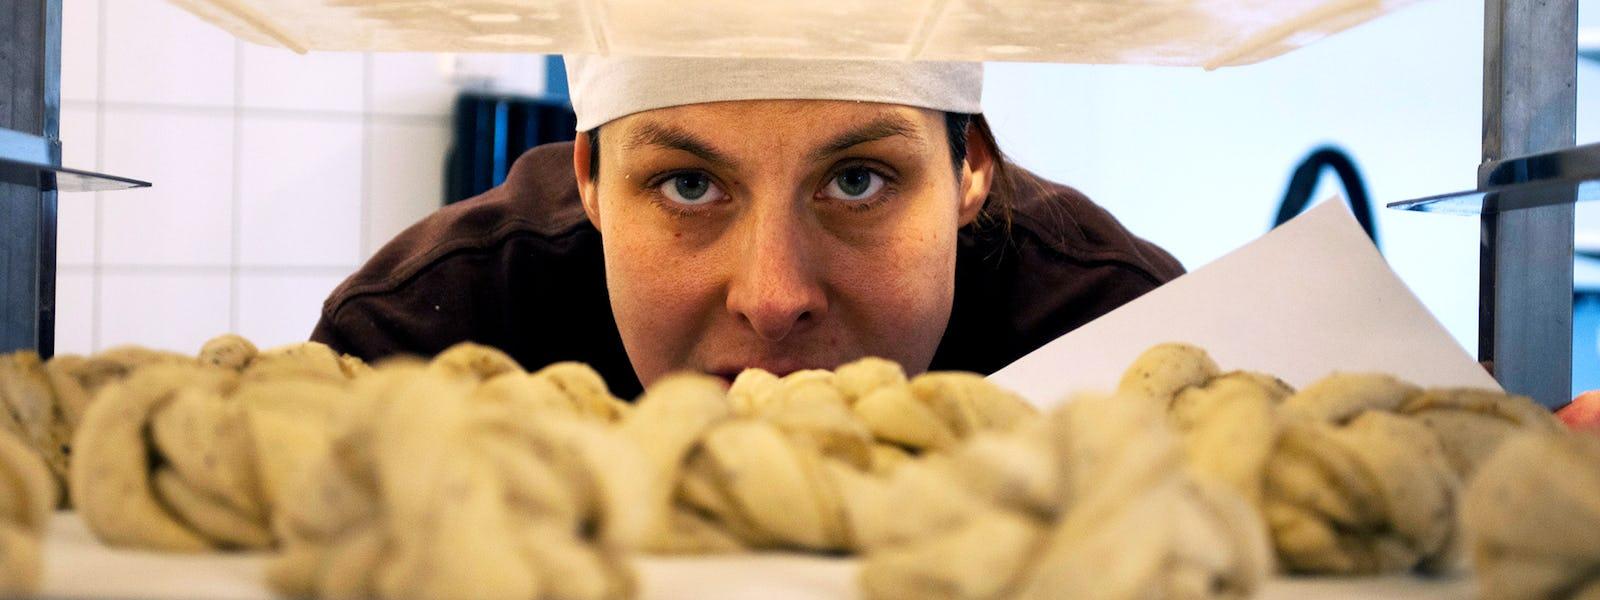 Bild - Mat är Kultur: Brödlabbet med brödets fantastiska värld